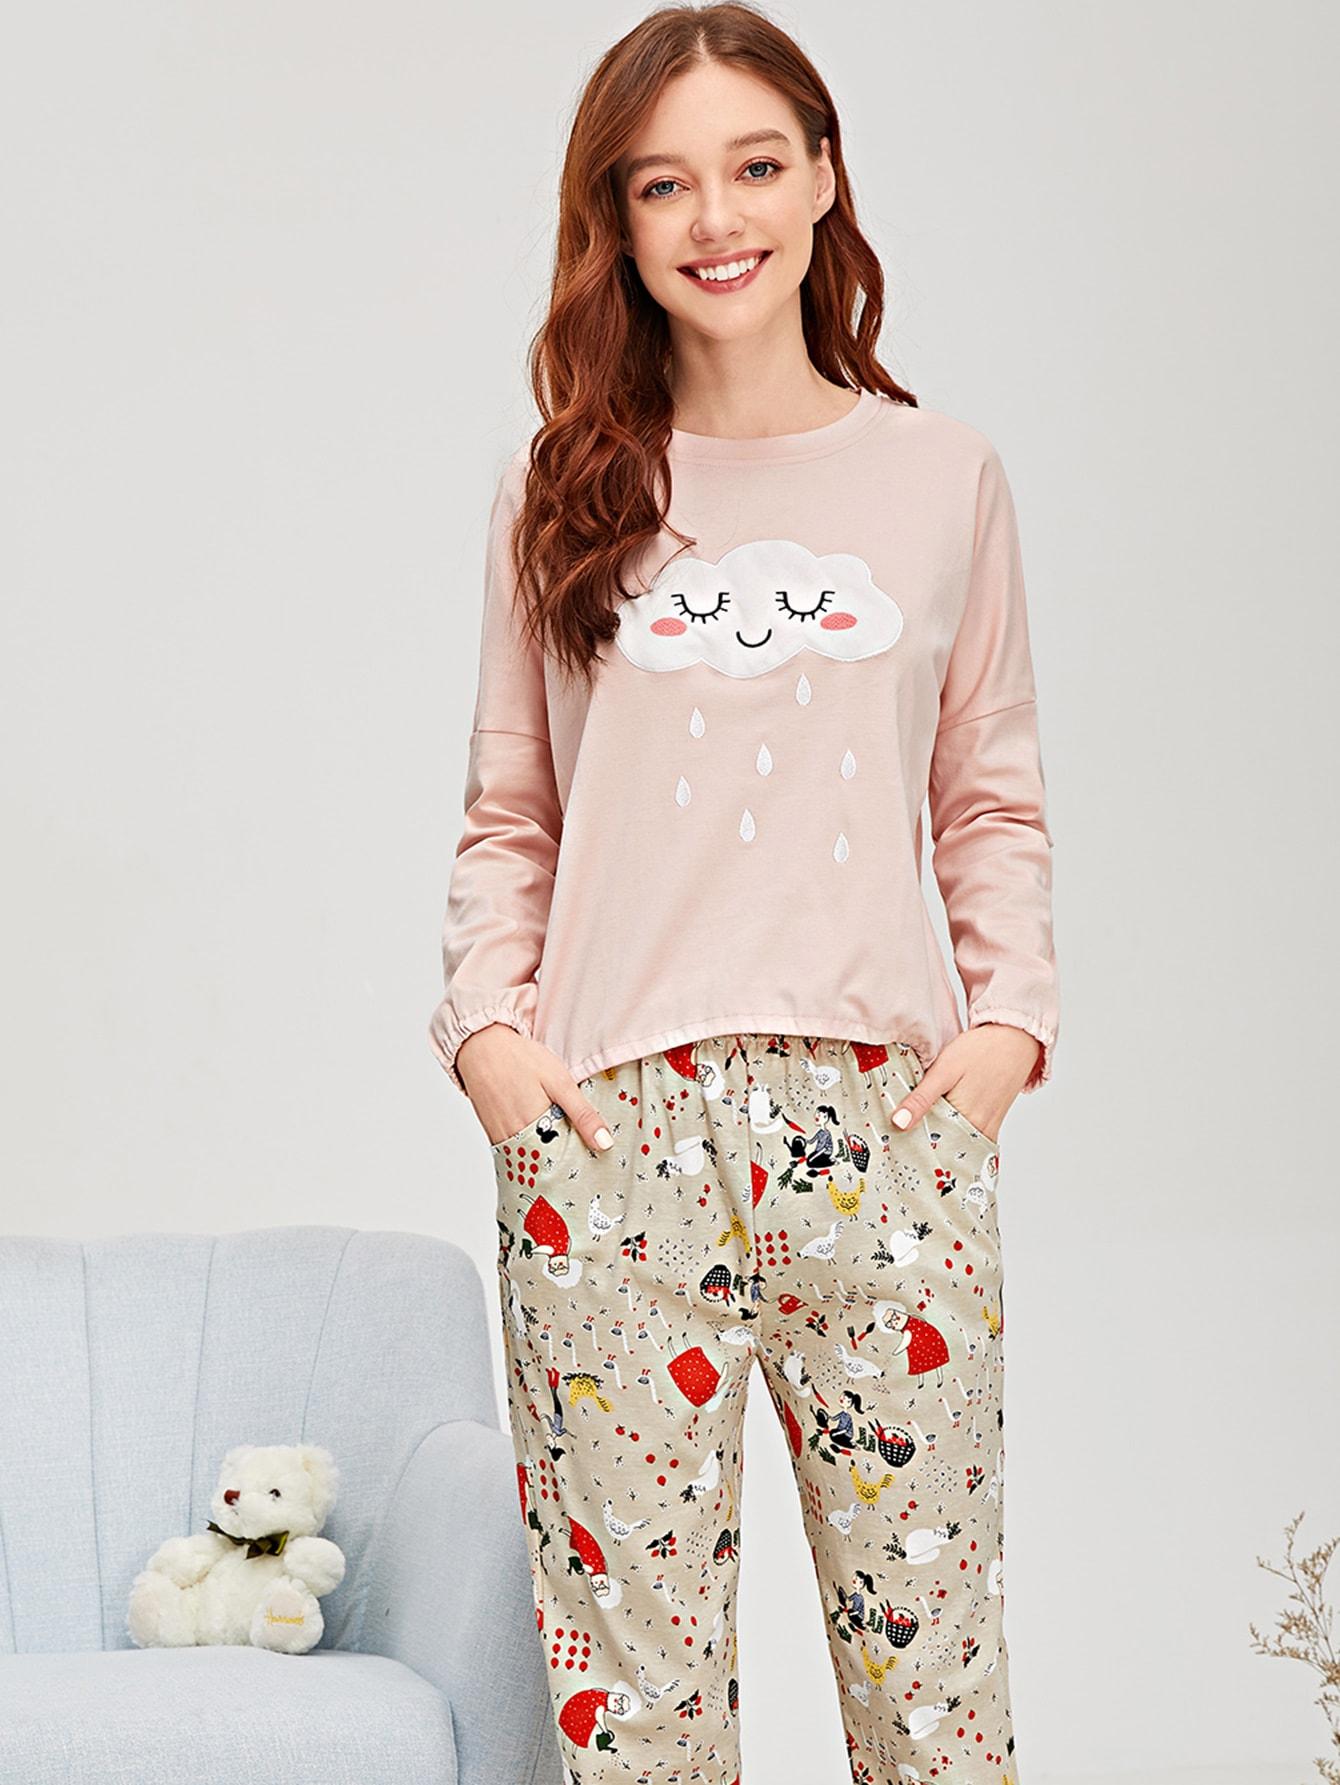 Пижама с принтом мультяшным и вышитого облака, Poly, SheIn  - купить со скидкой